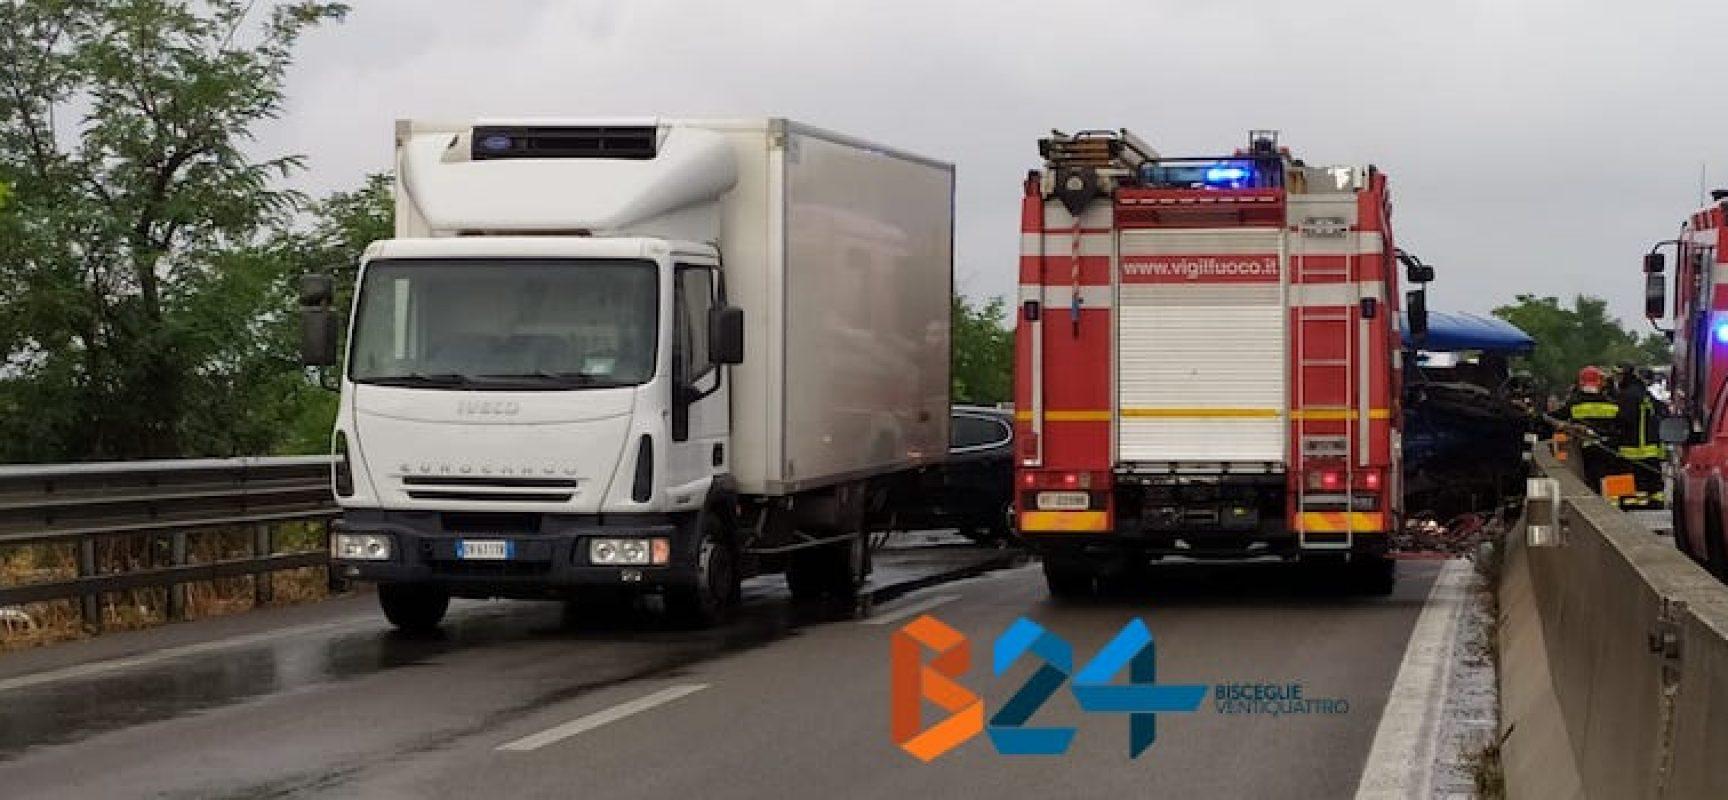 Incidente strada statale 16 uscita Bisceglie-Andria, circolazione bloccata